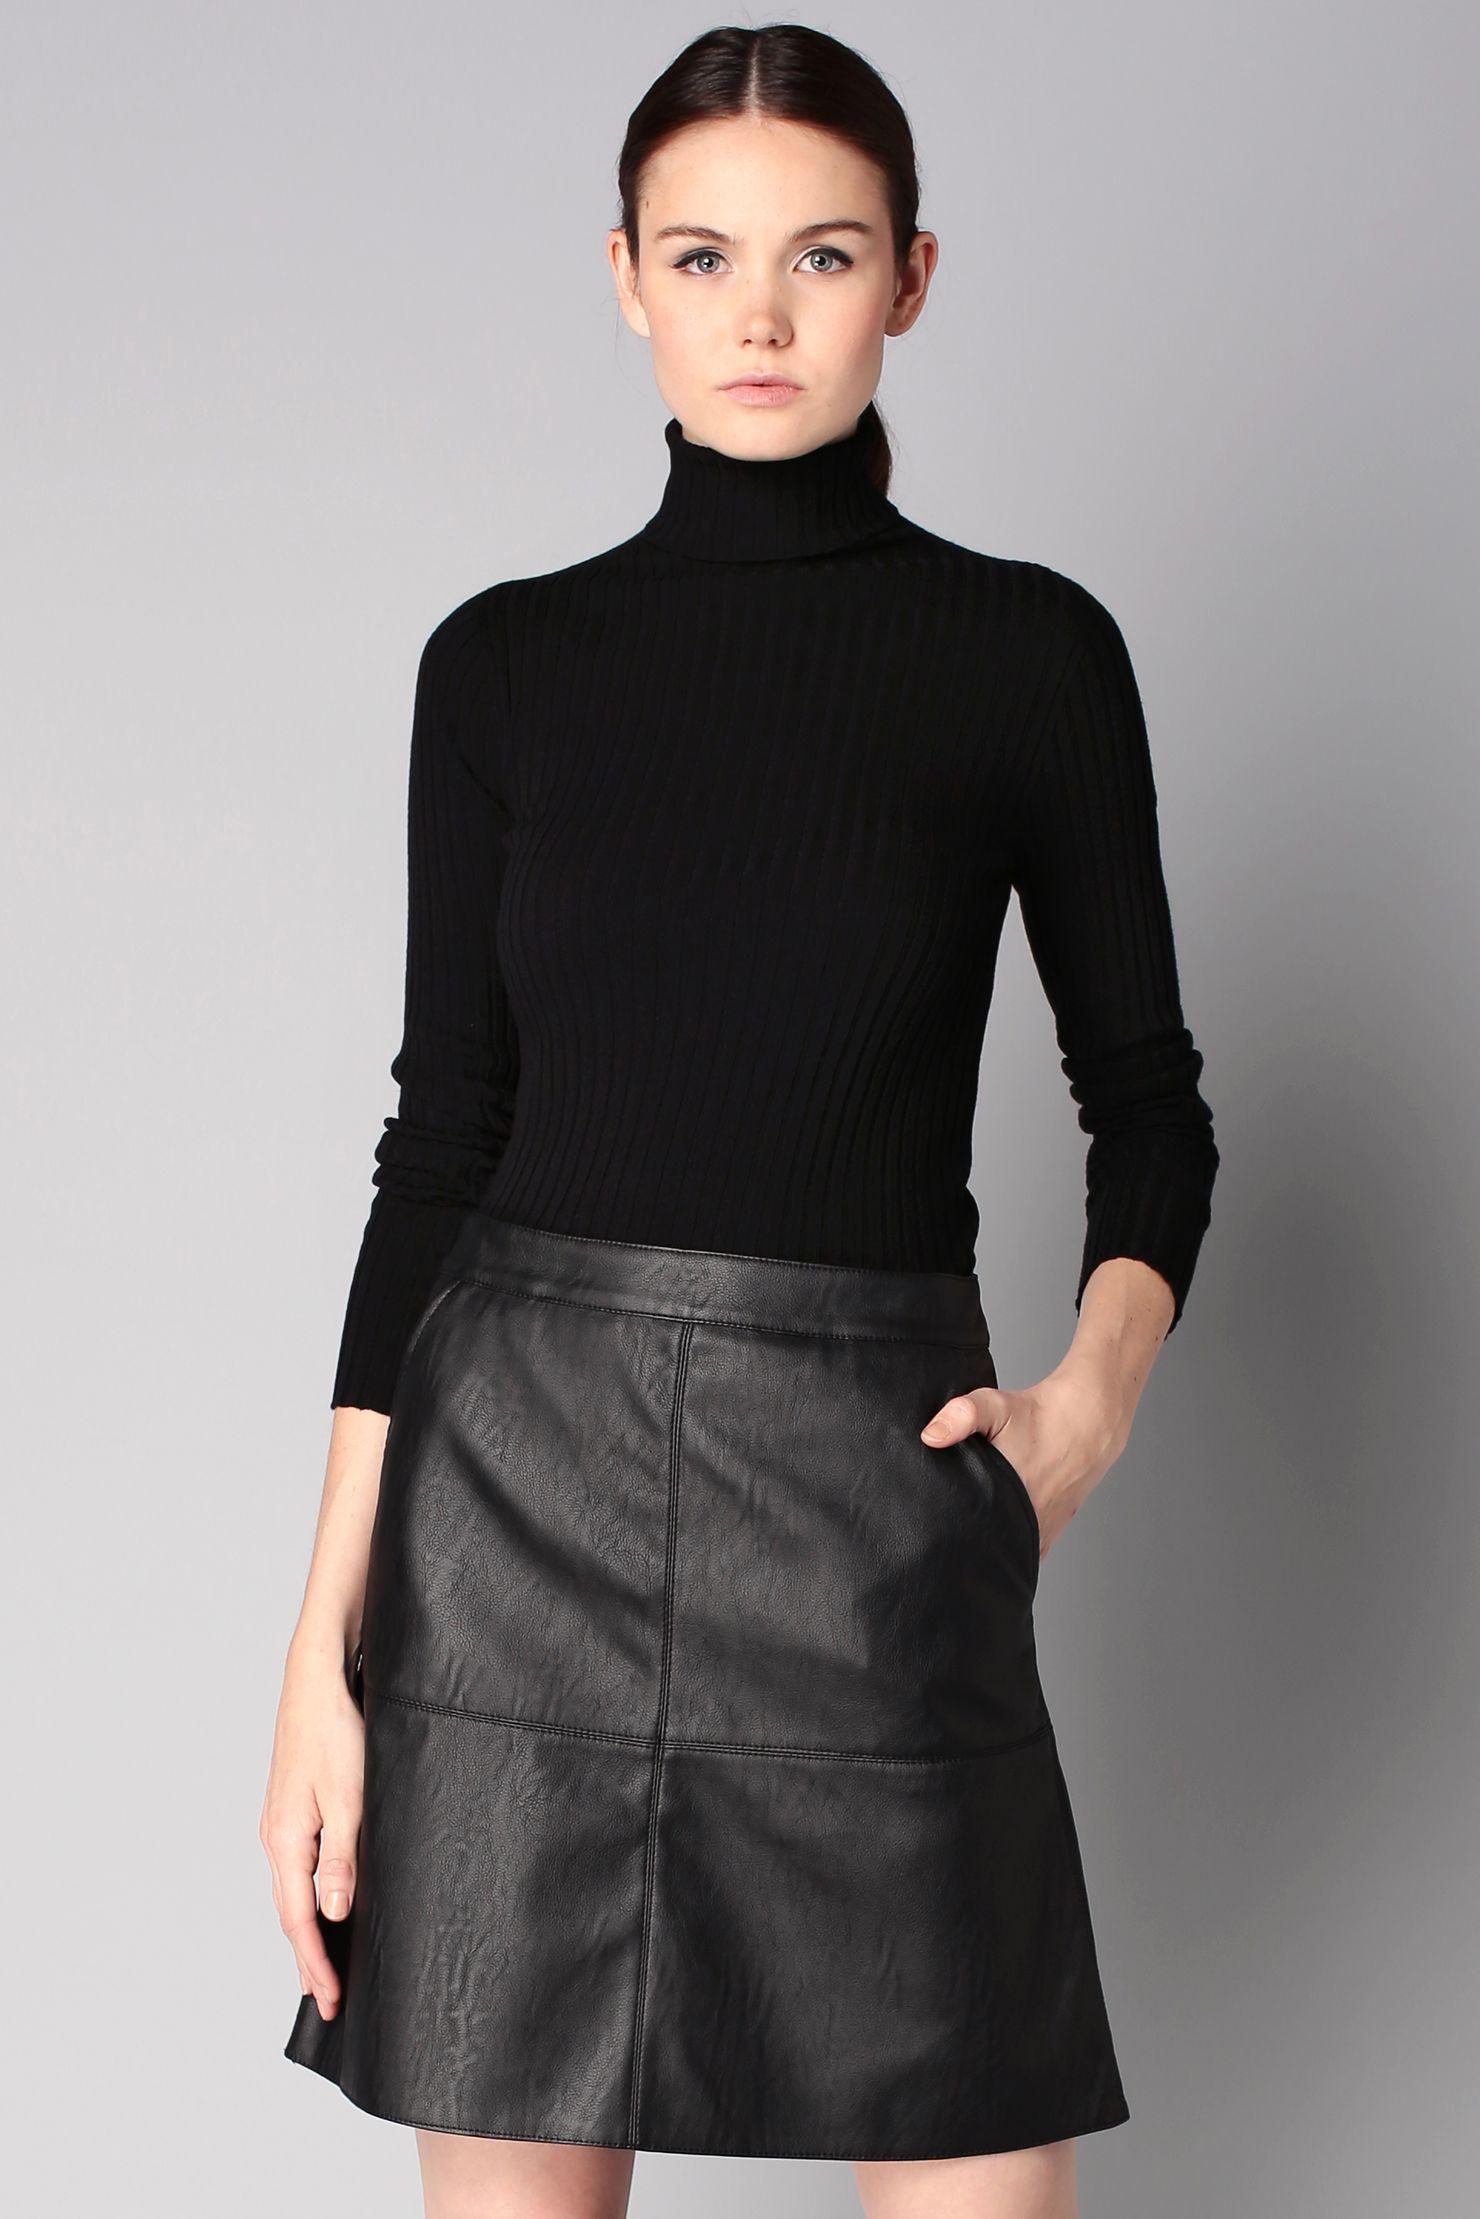 jupe noire simili cuir daphn e sin quanone sur couture pinterest jupe. Black Bedroom Furniture Sets. Home Design Ideas